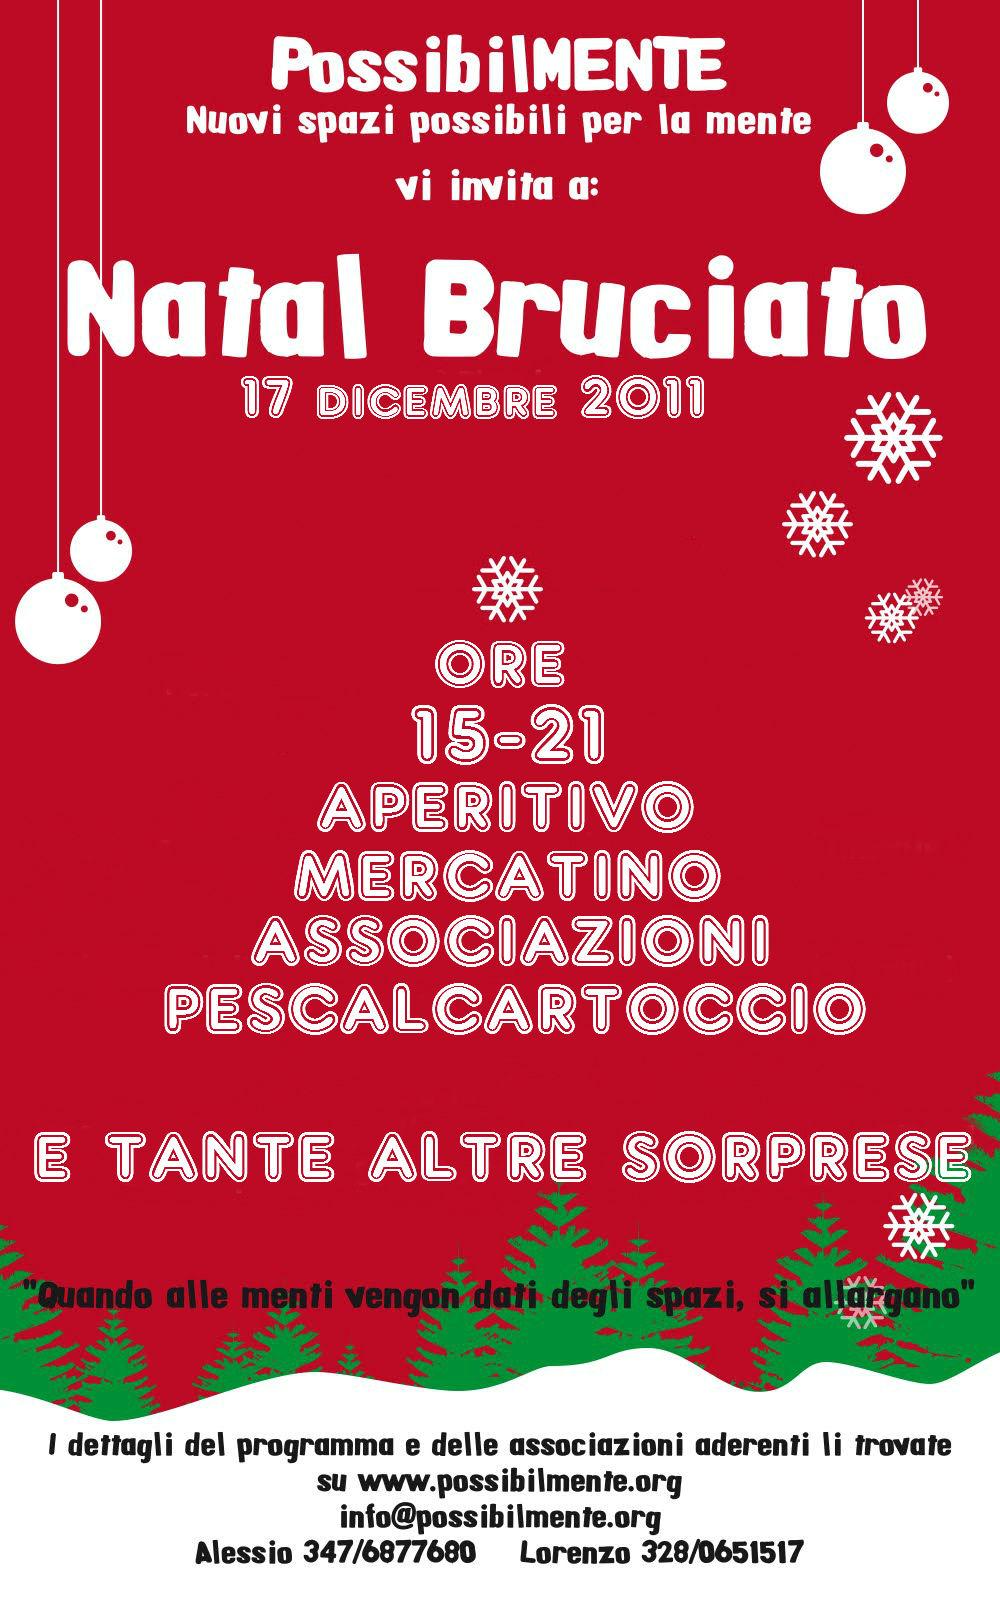 Natal Bruciato 2011. Il Mercatino natalizio di Roma... con qualcosa in più